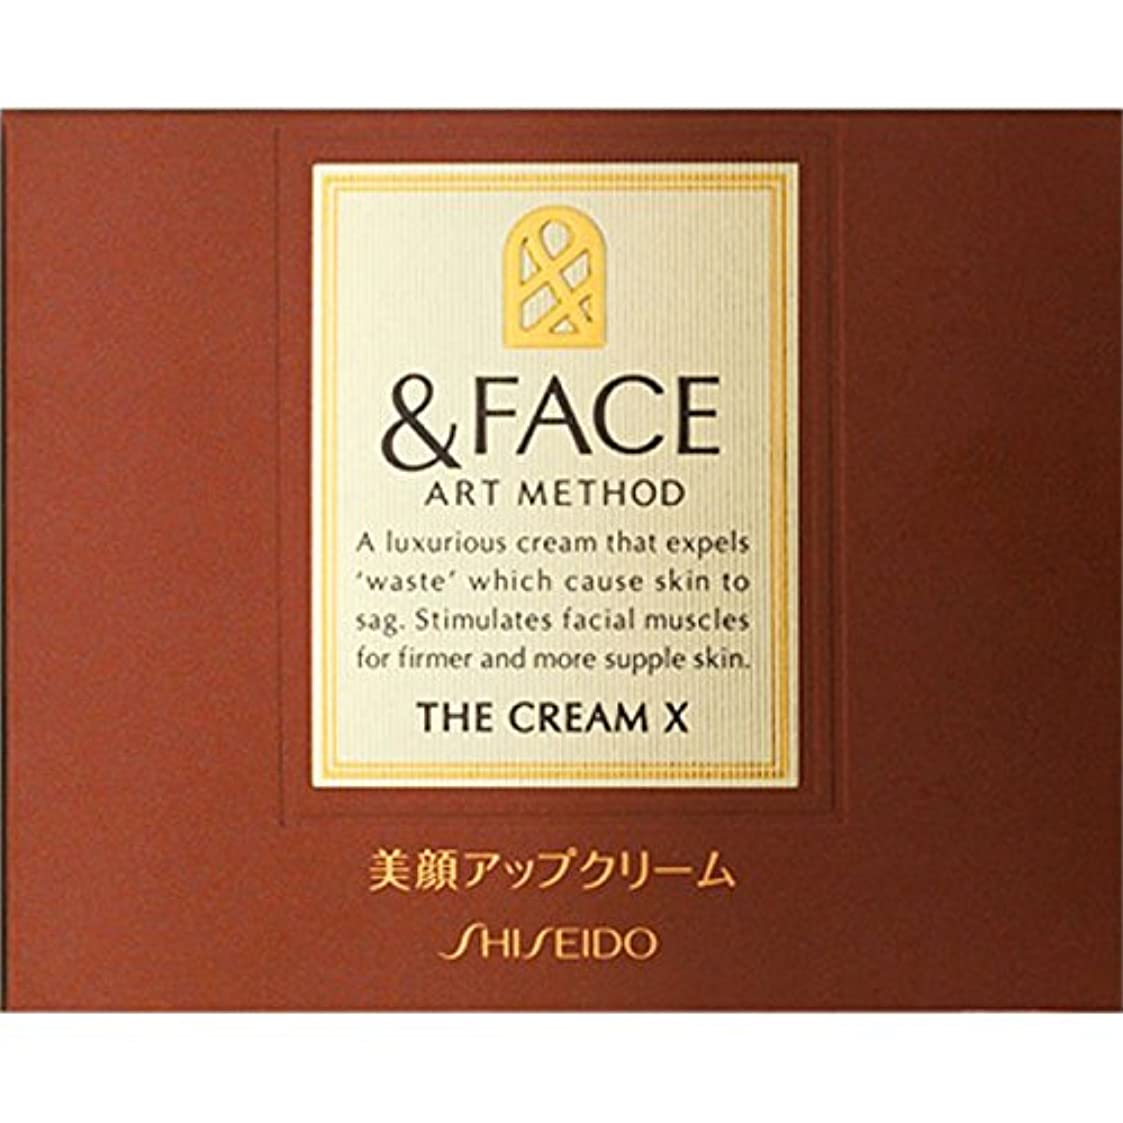 起点ほぼチャート資生堂インターナショナル &FACEアートメソッドザクリームX - (医薬部外品)